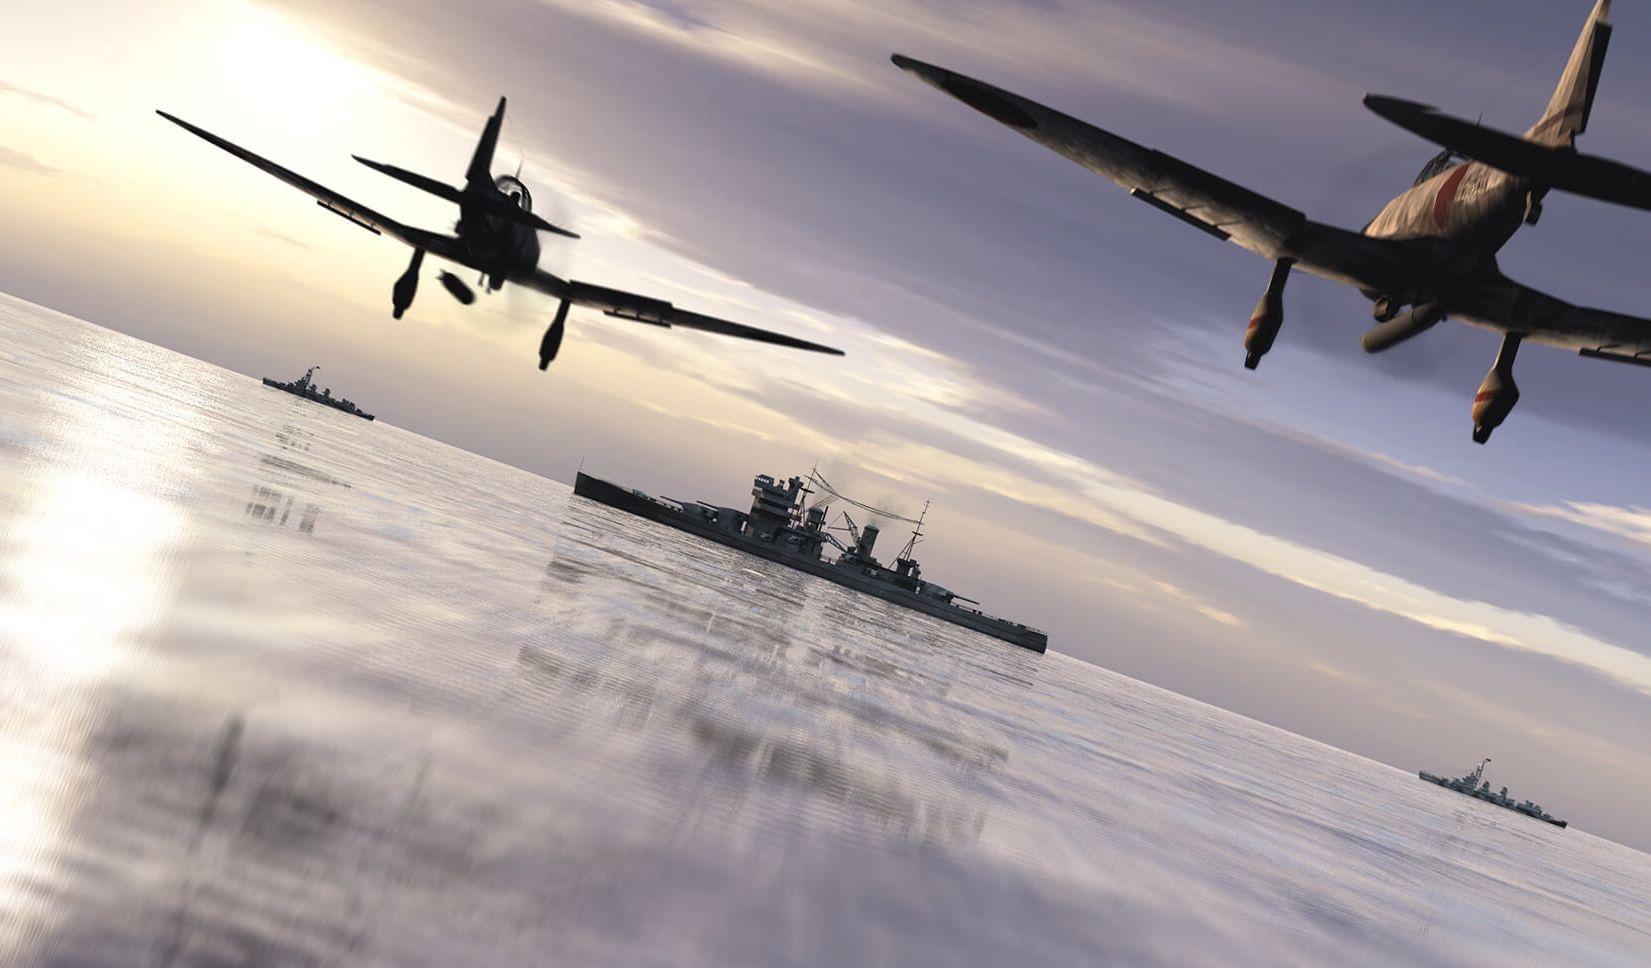 Китайский ремастер: Battlefield 1942 выставили под именем Tank Battlegrounds (Обновлено)